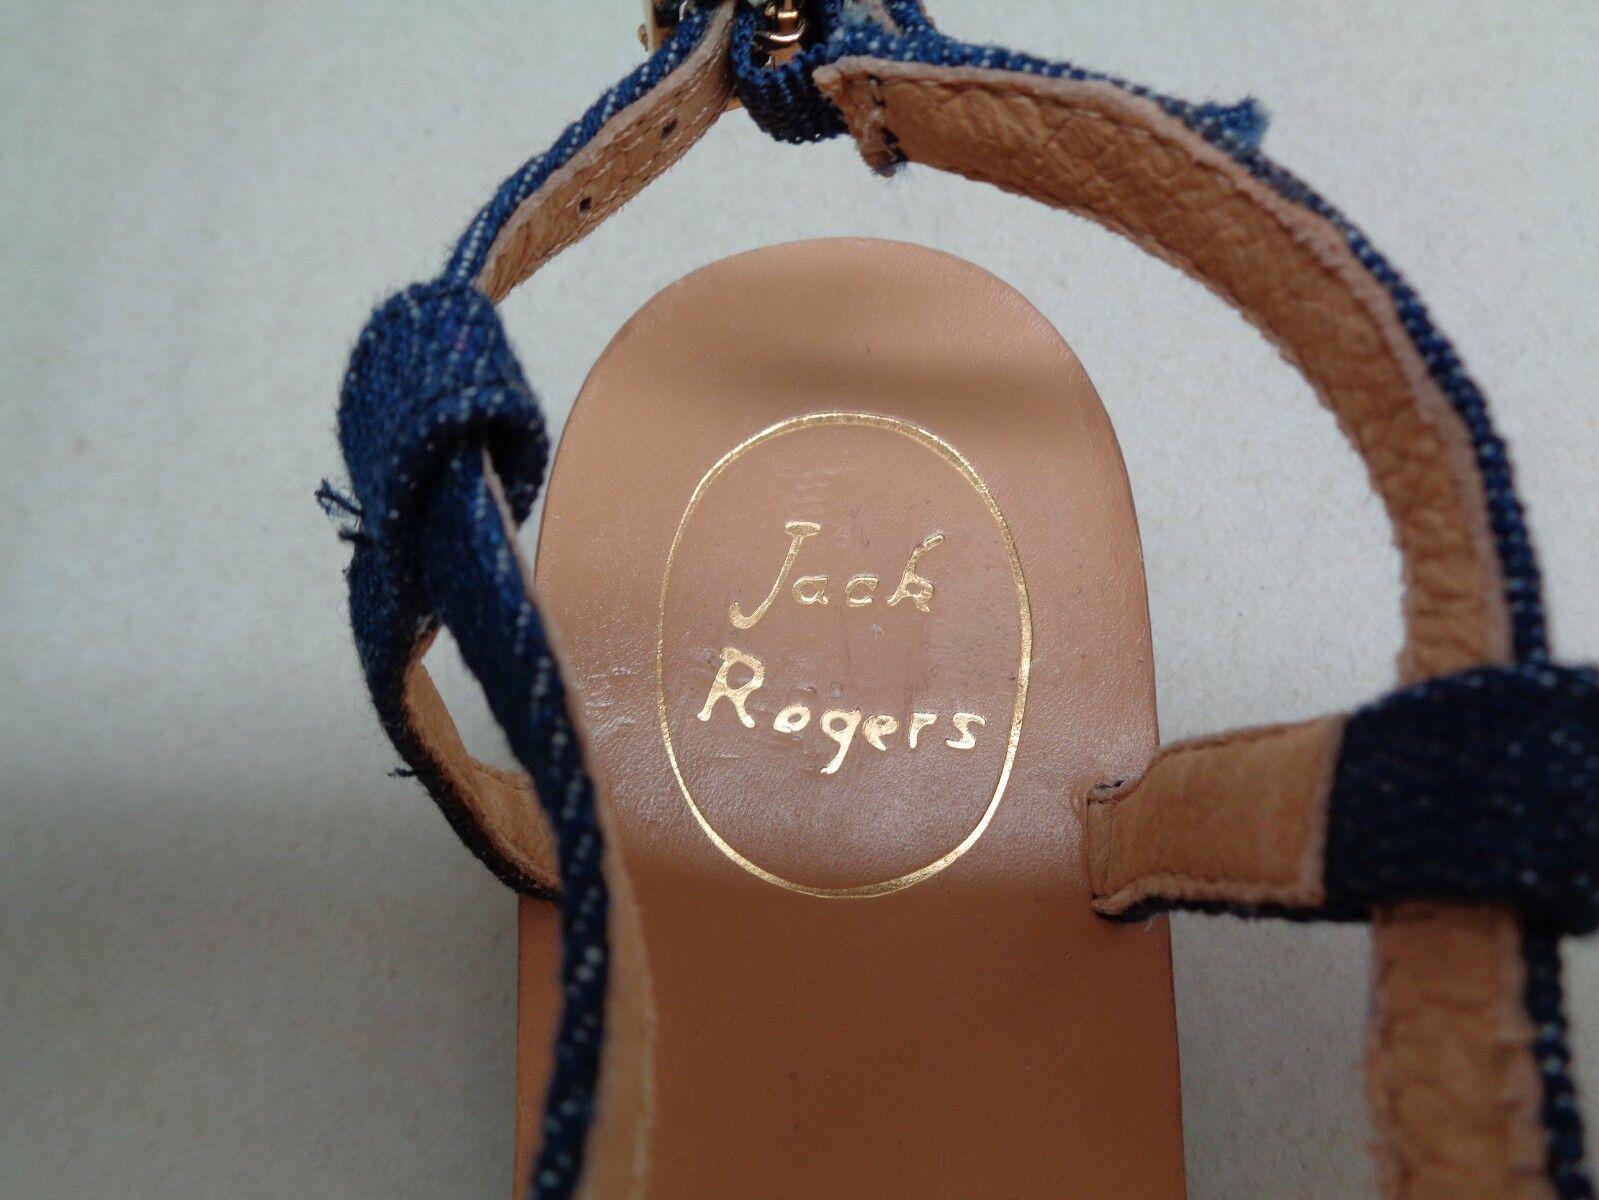 Jack Rogers Größe 8.5 ELISE Denim Gold New Heels Ankle Strap Sandales New Gold Damenschuhe Schuhes 7c6ba3